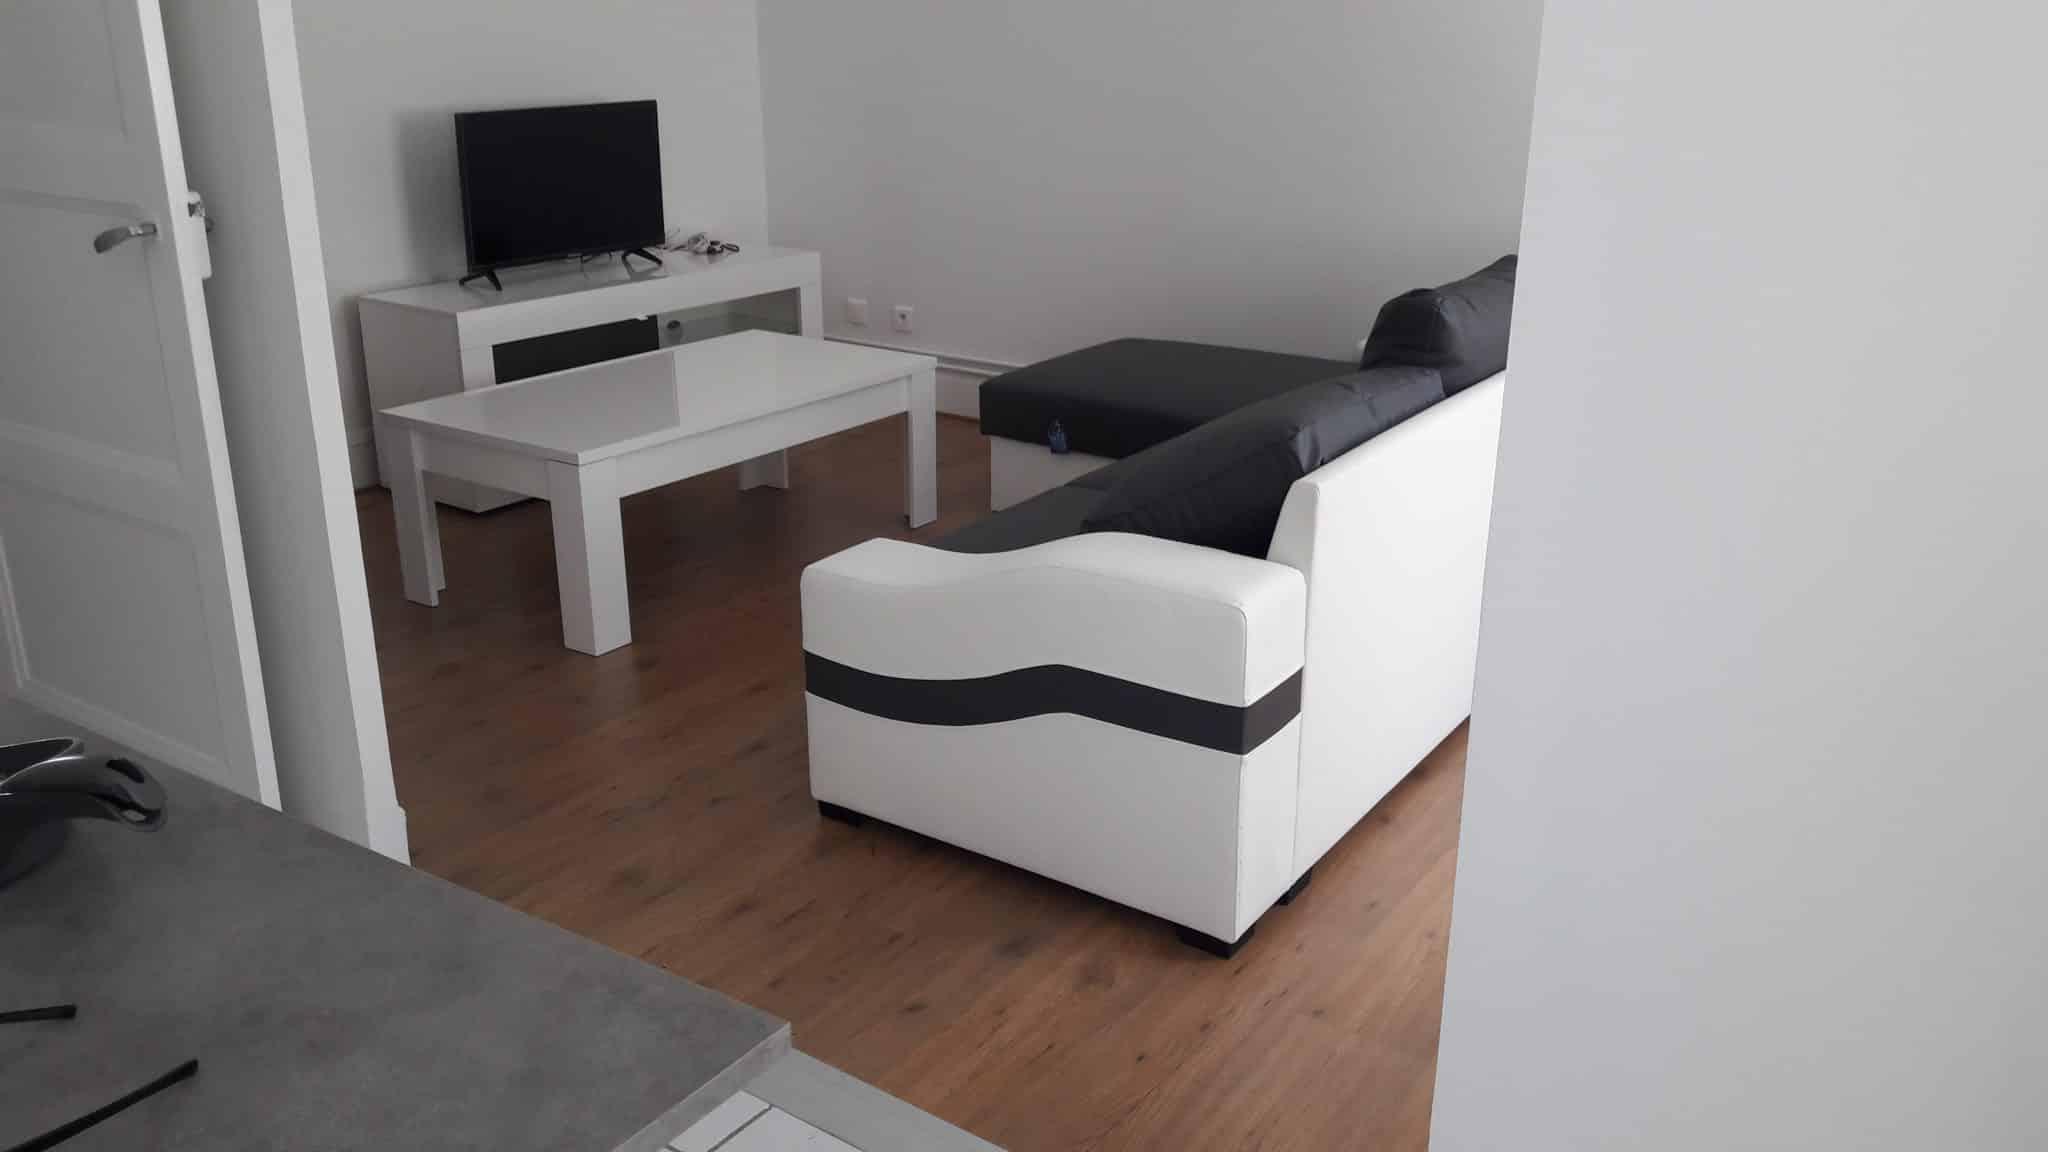 l 39 quipement mobilier le pr alable la location meubl e jto expertise. Black Bedroom Furniture Sets. Home Design Ideas